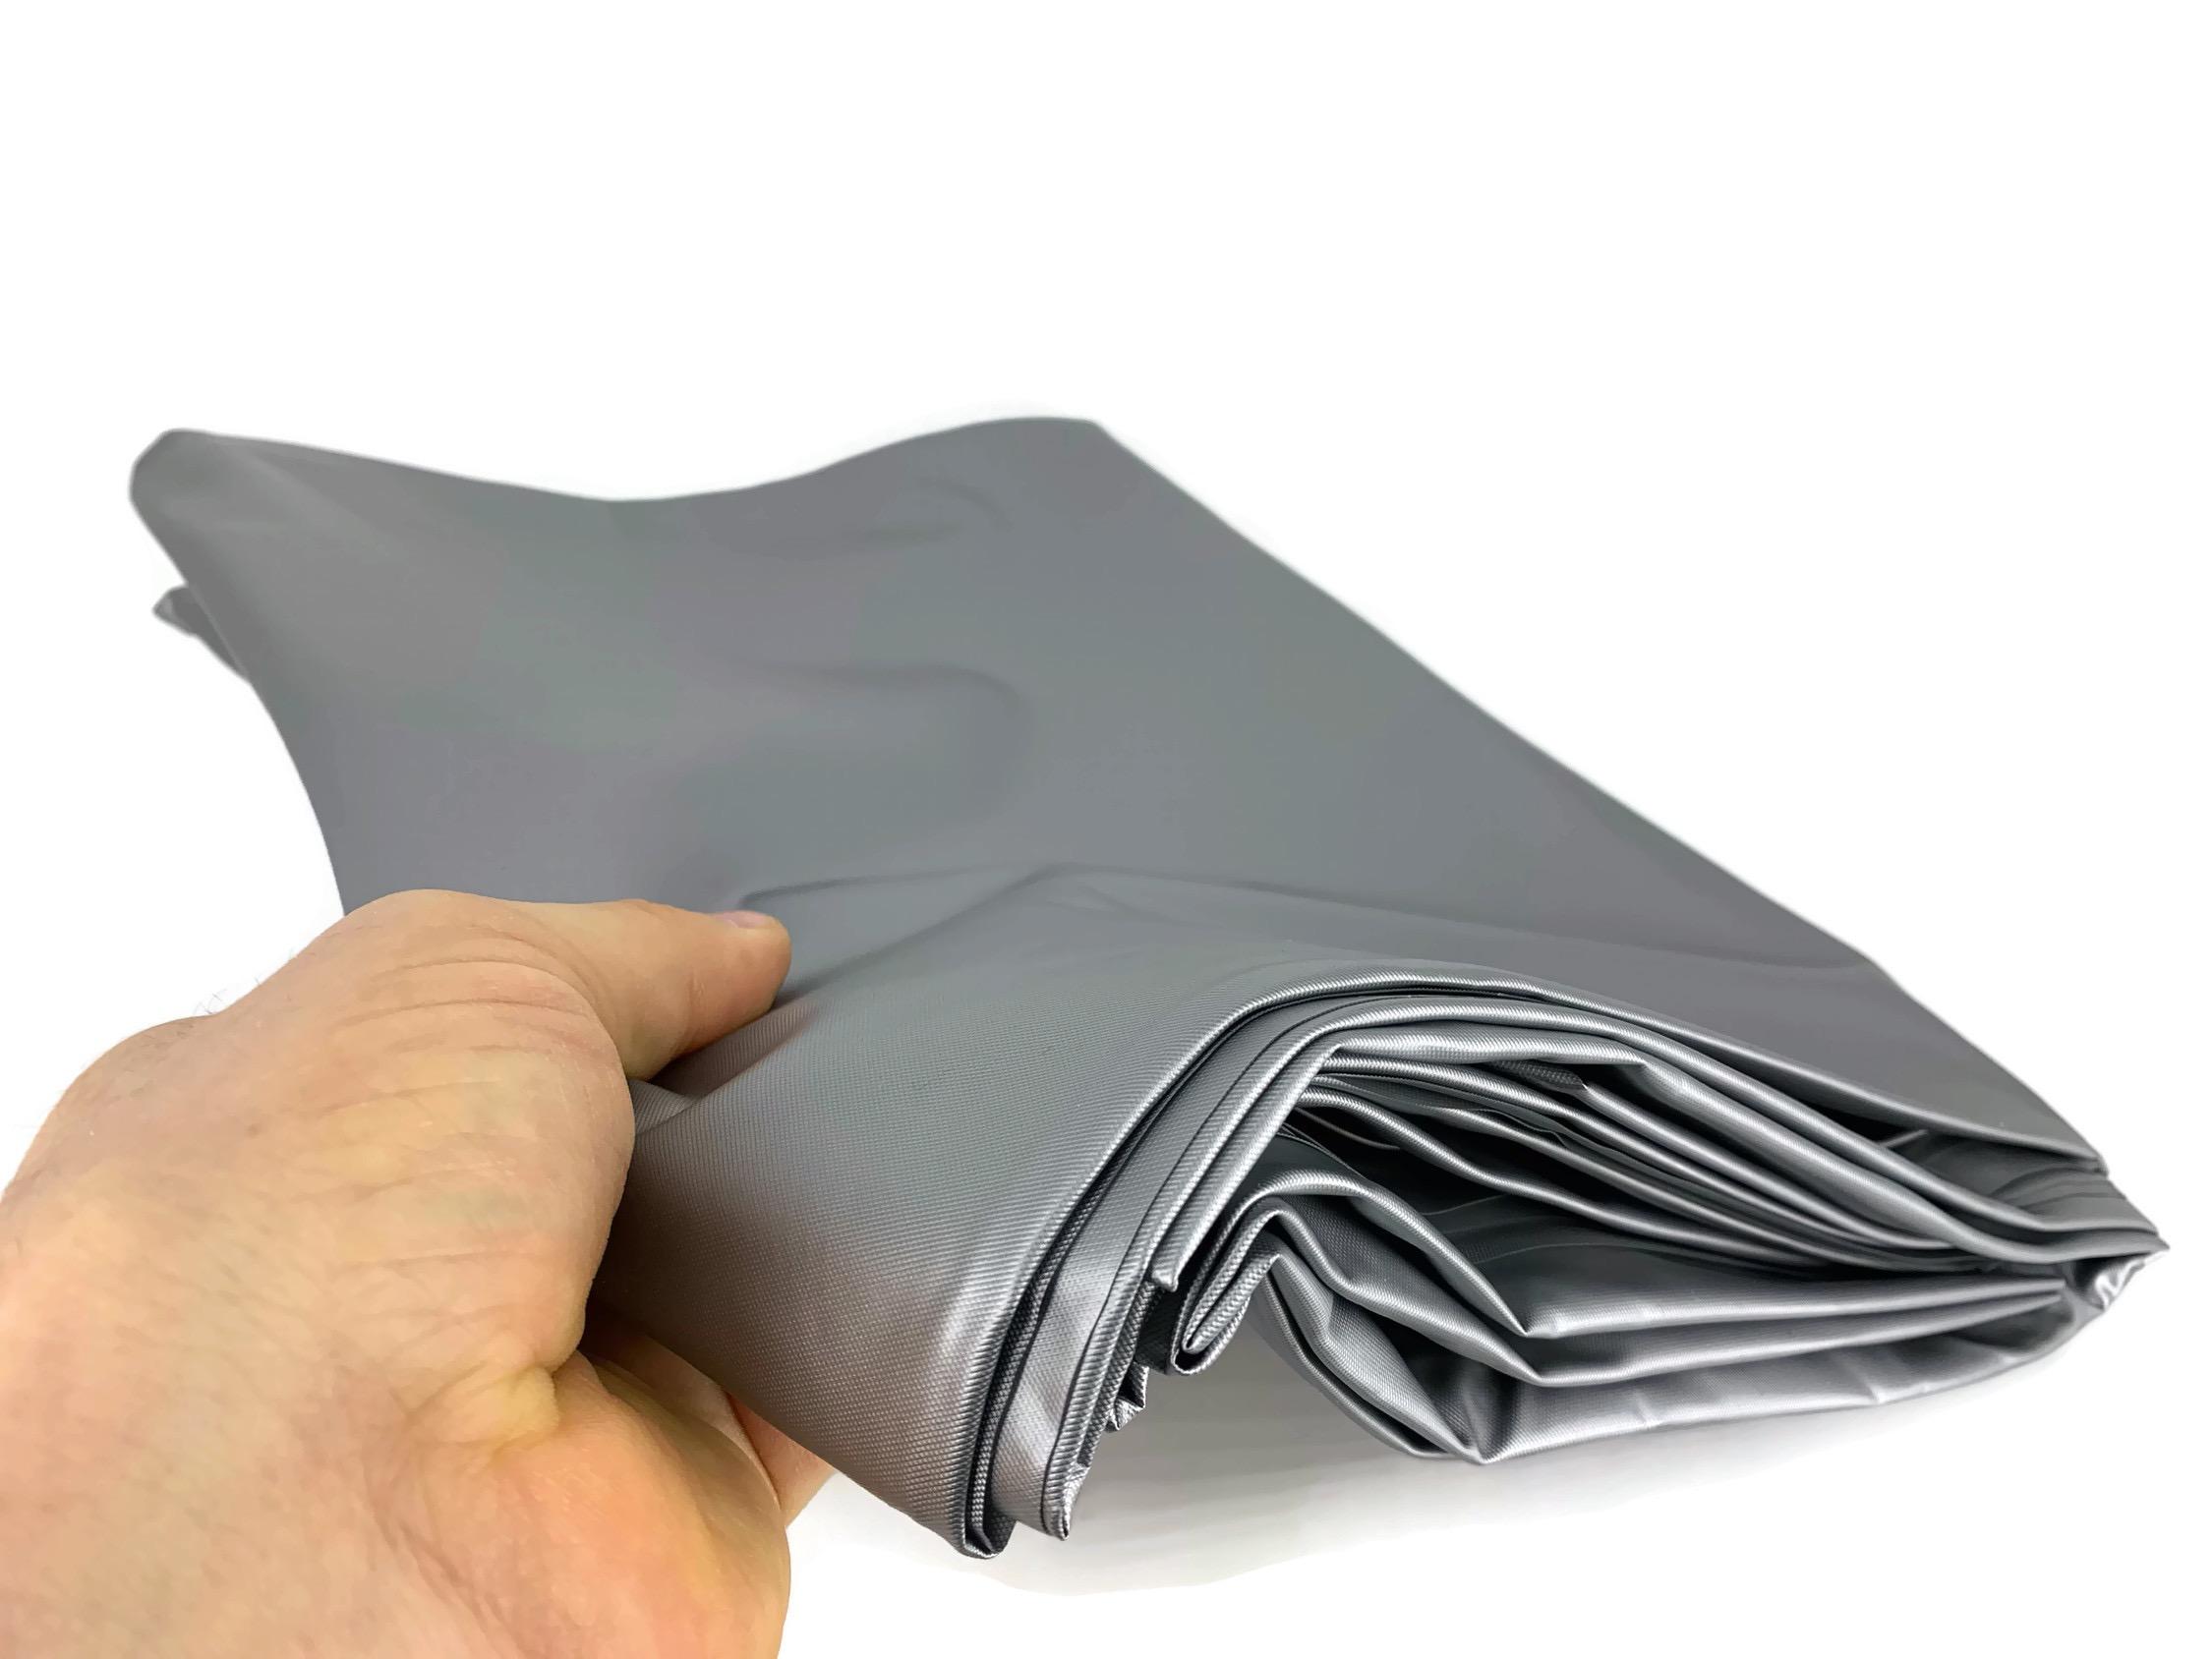 eXODA Inkontinenzlaken Unterlaken Matratzenauflage grau 180x240 cm Inkontinenzauflage Bettlaken